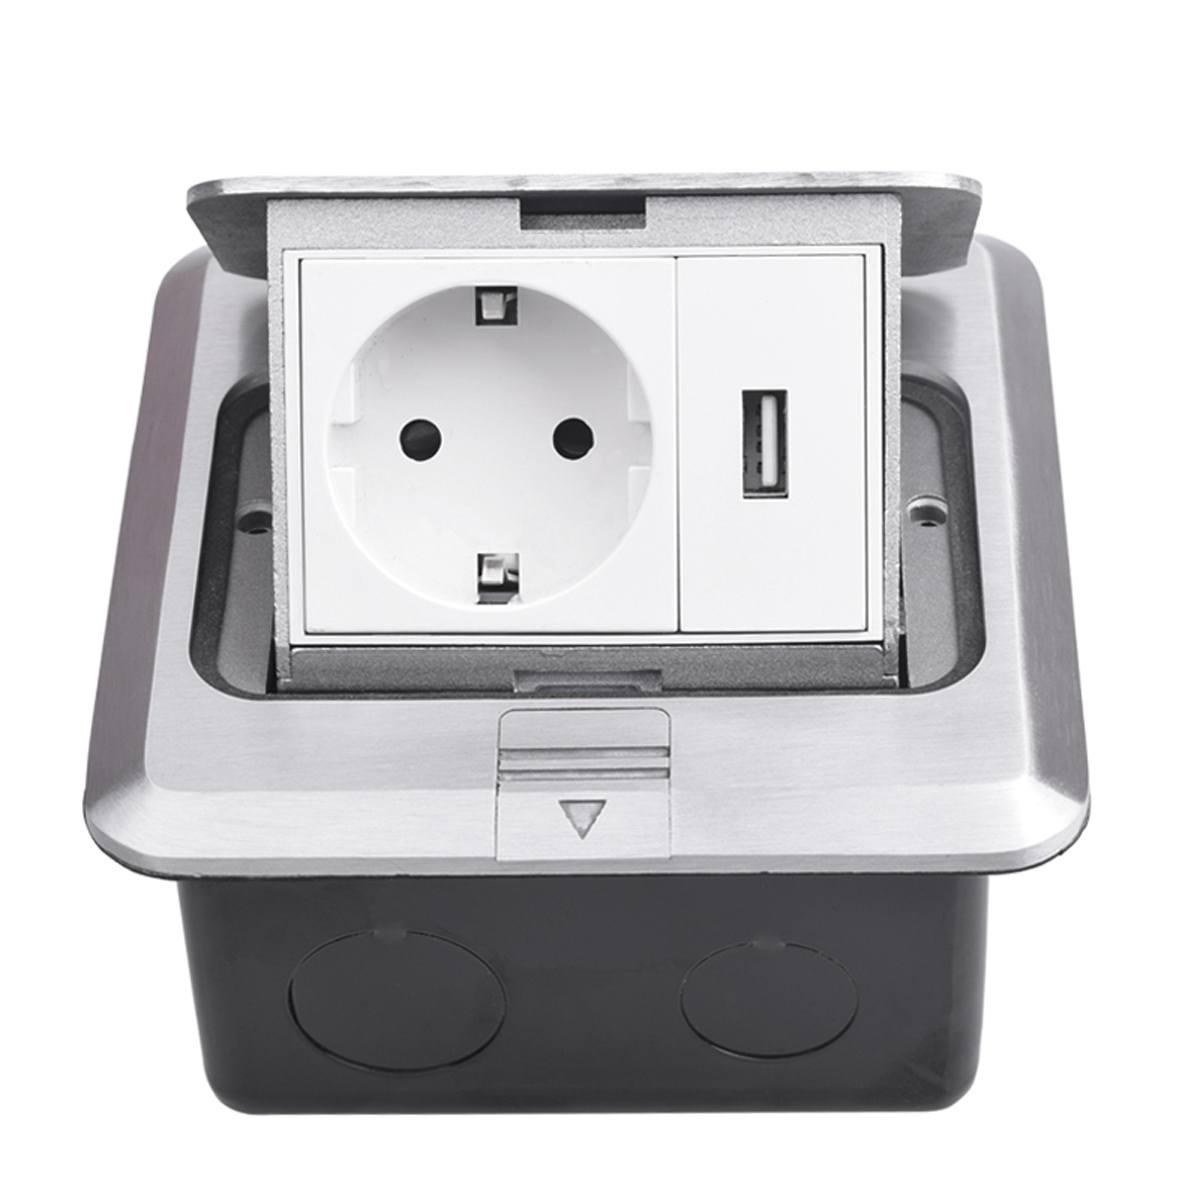 2500W tout en aluminium argent panneau pop Up prise de sol 16A allemagne britannique ue Standard prise de courant avec Port de charge USB 5V 1A